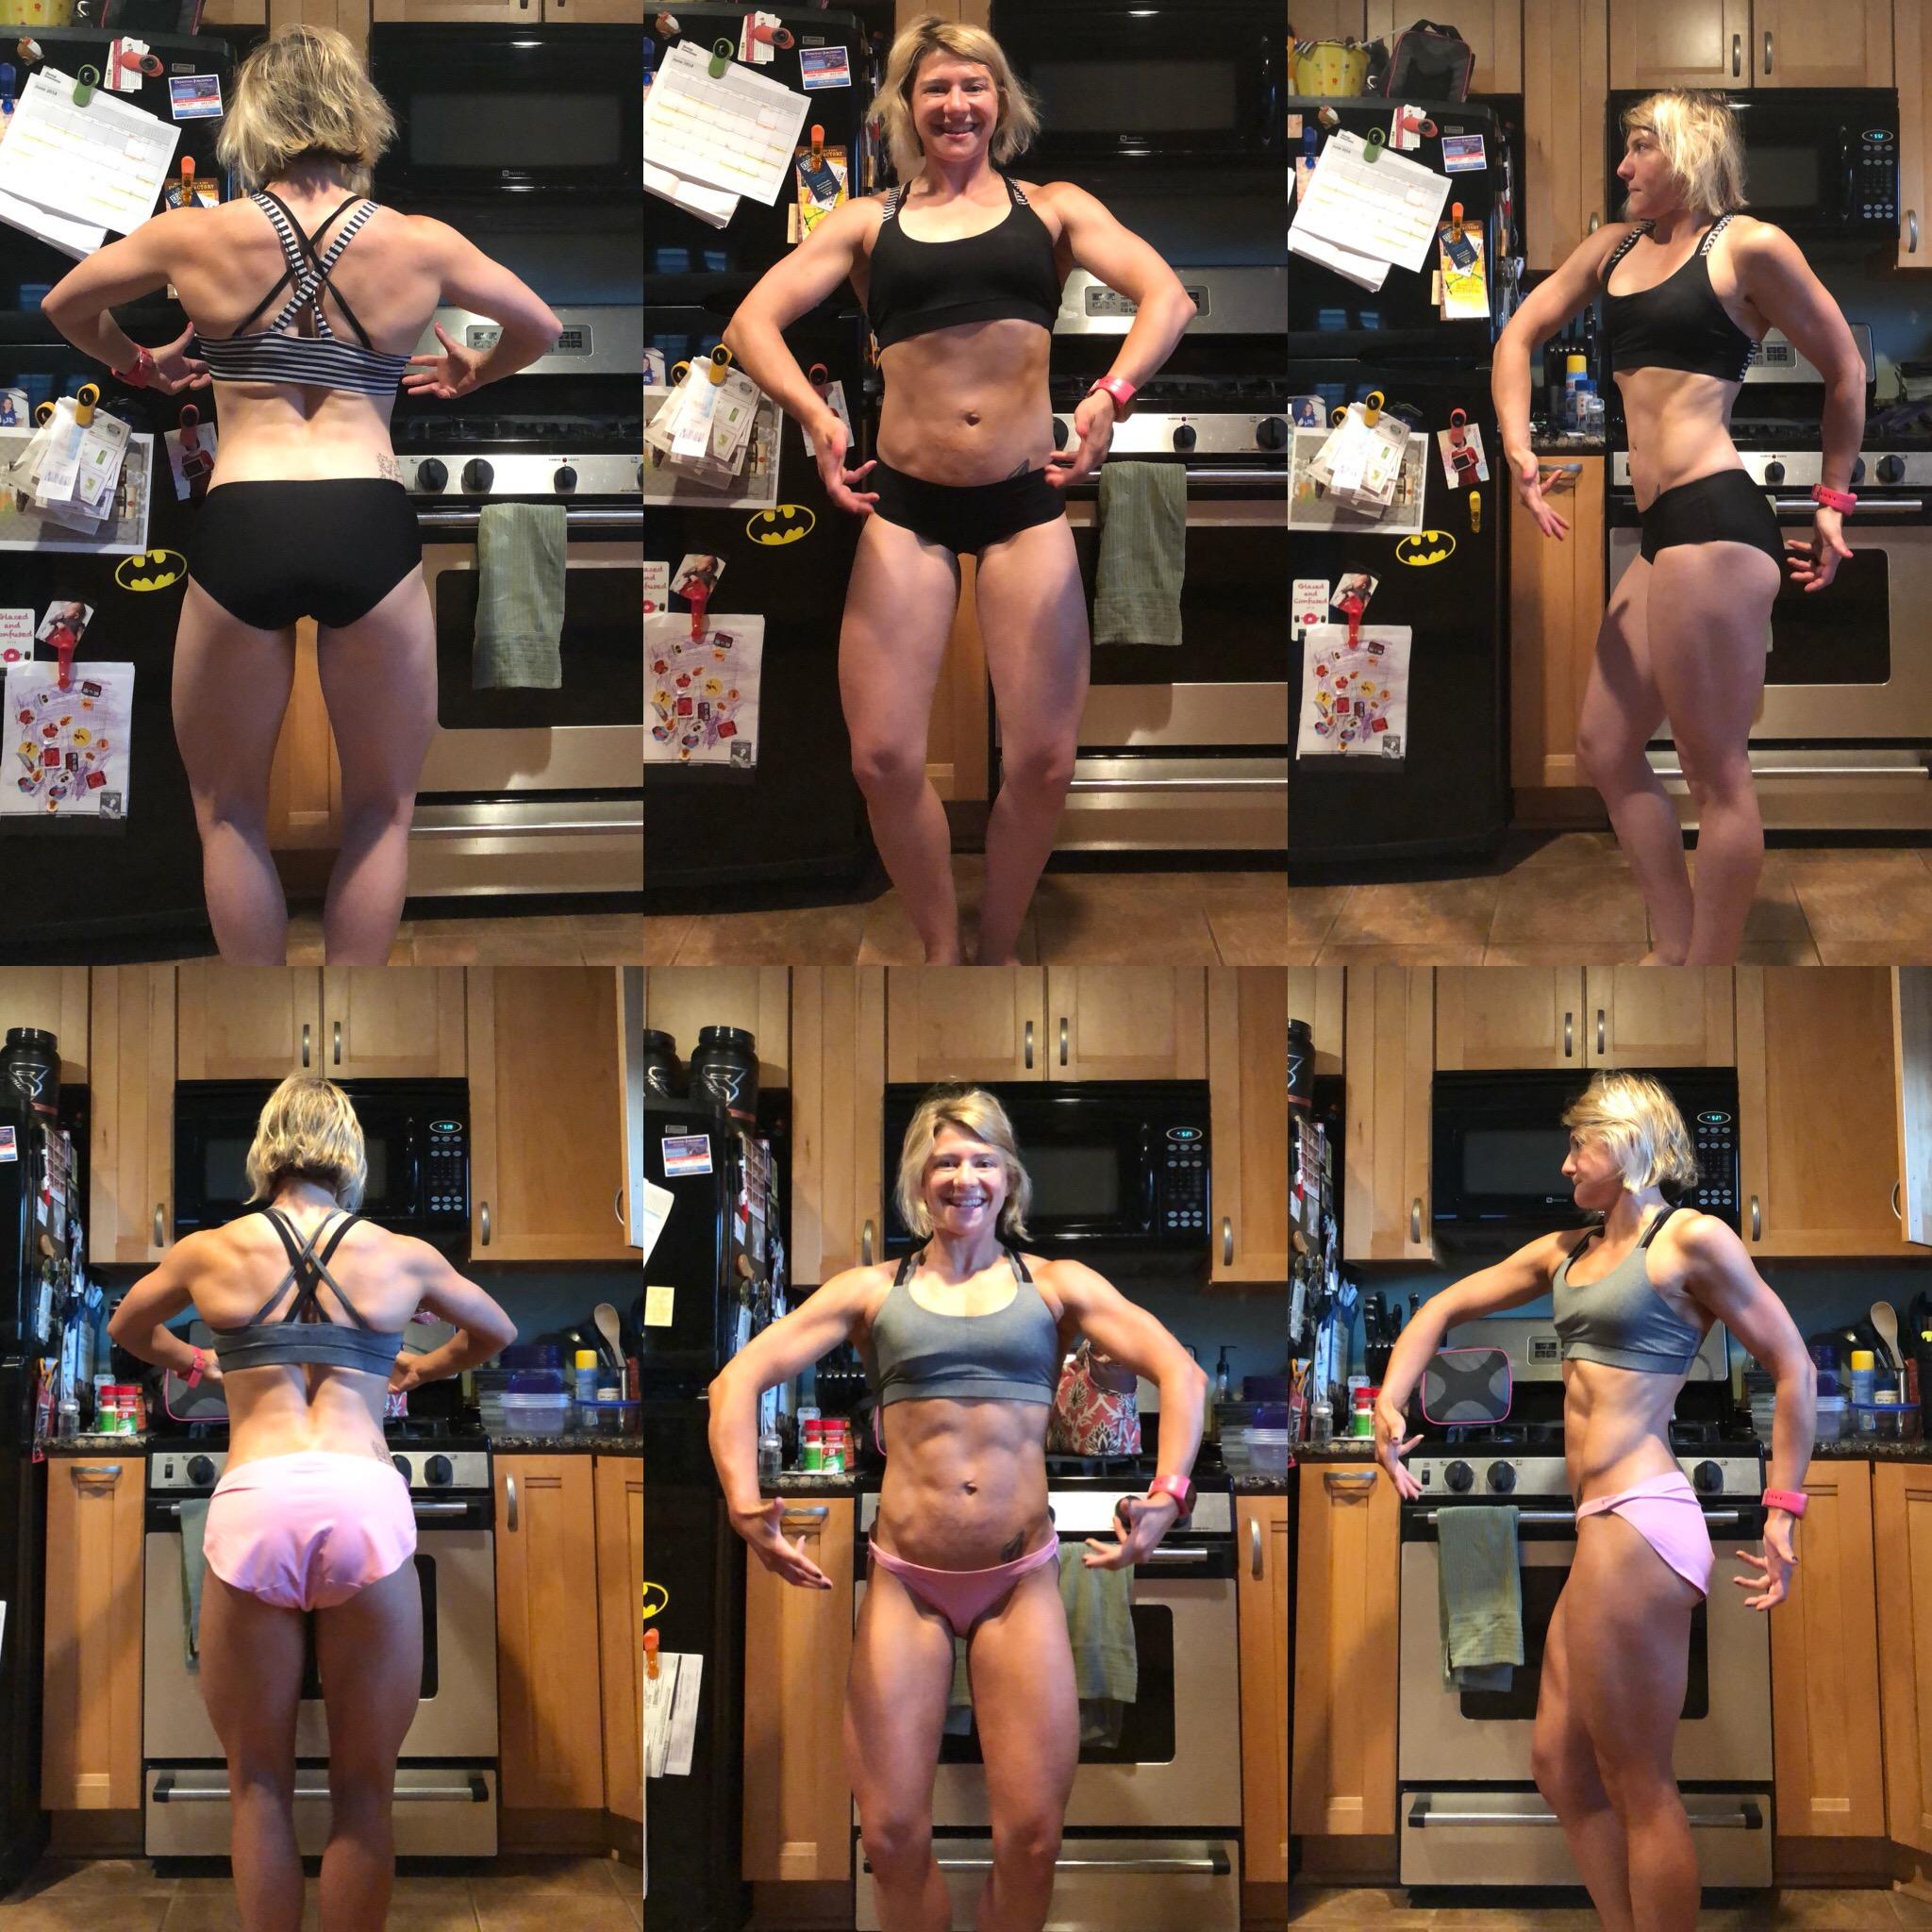 Top photos: 6/16/2018 120.5 pounds  Bottom photos: 5/23/2018 117.0 pounds